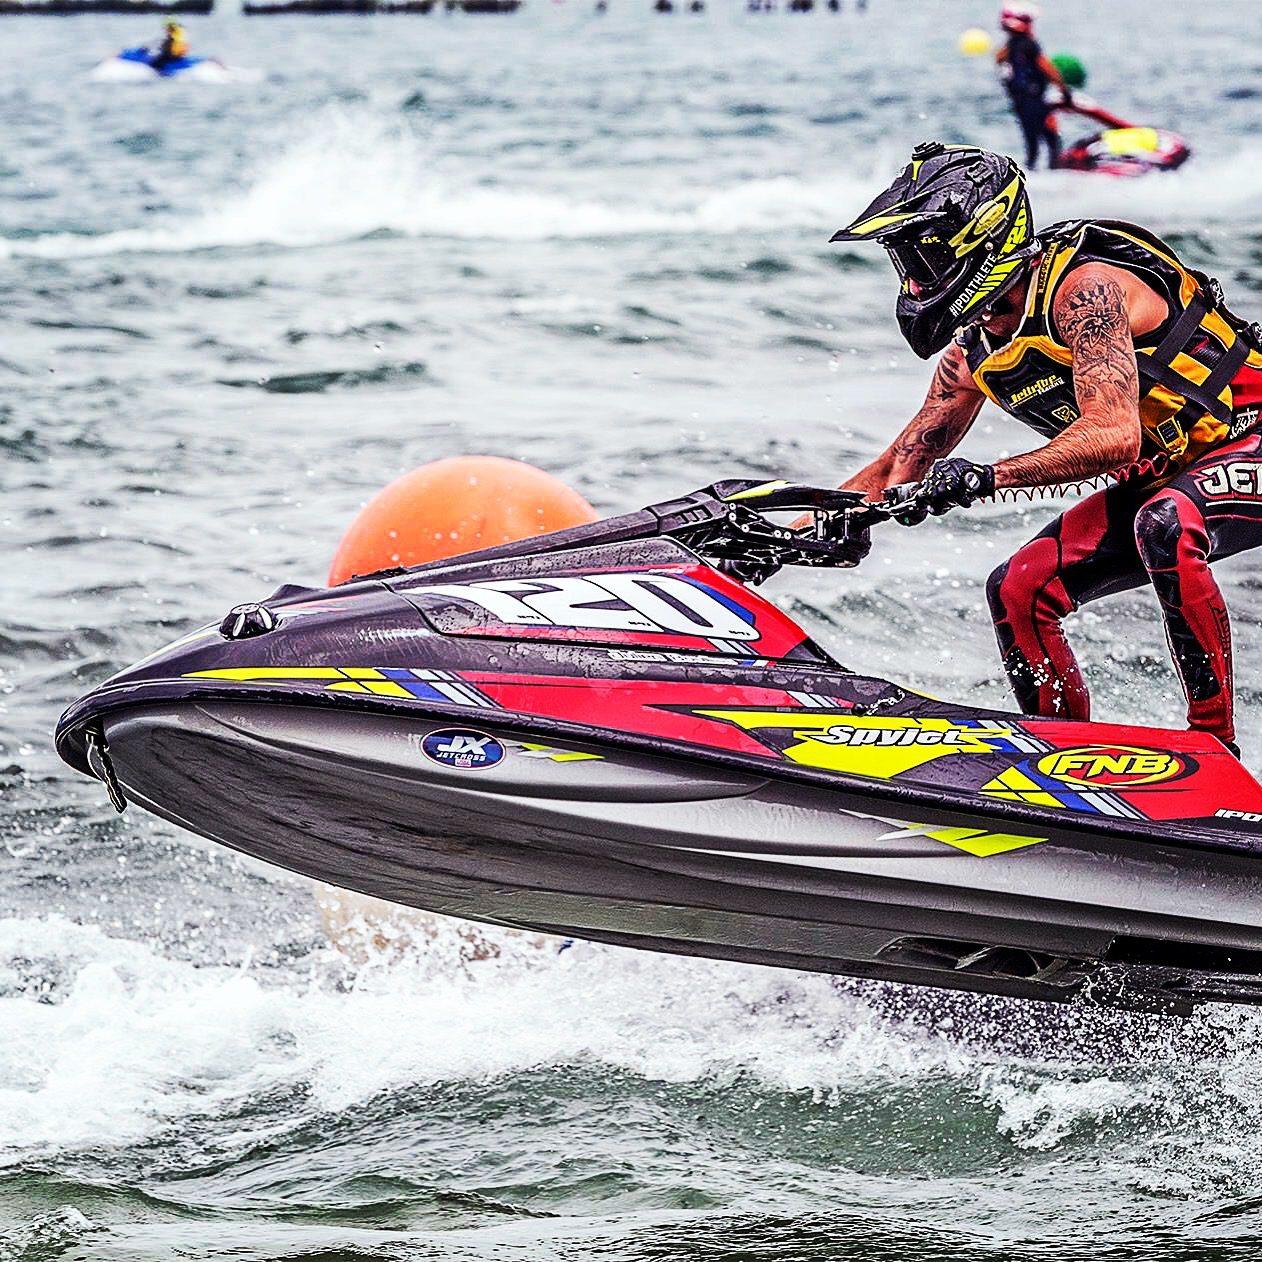 Yamaha waveblaster graphics gallery ipd jet ski graphics for Yamaha jet skis